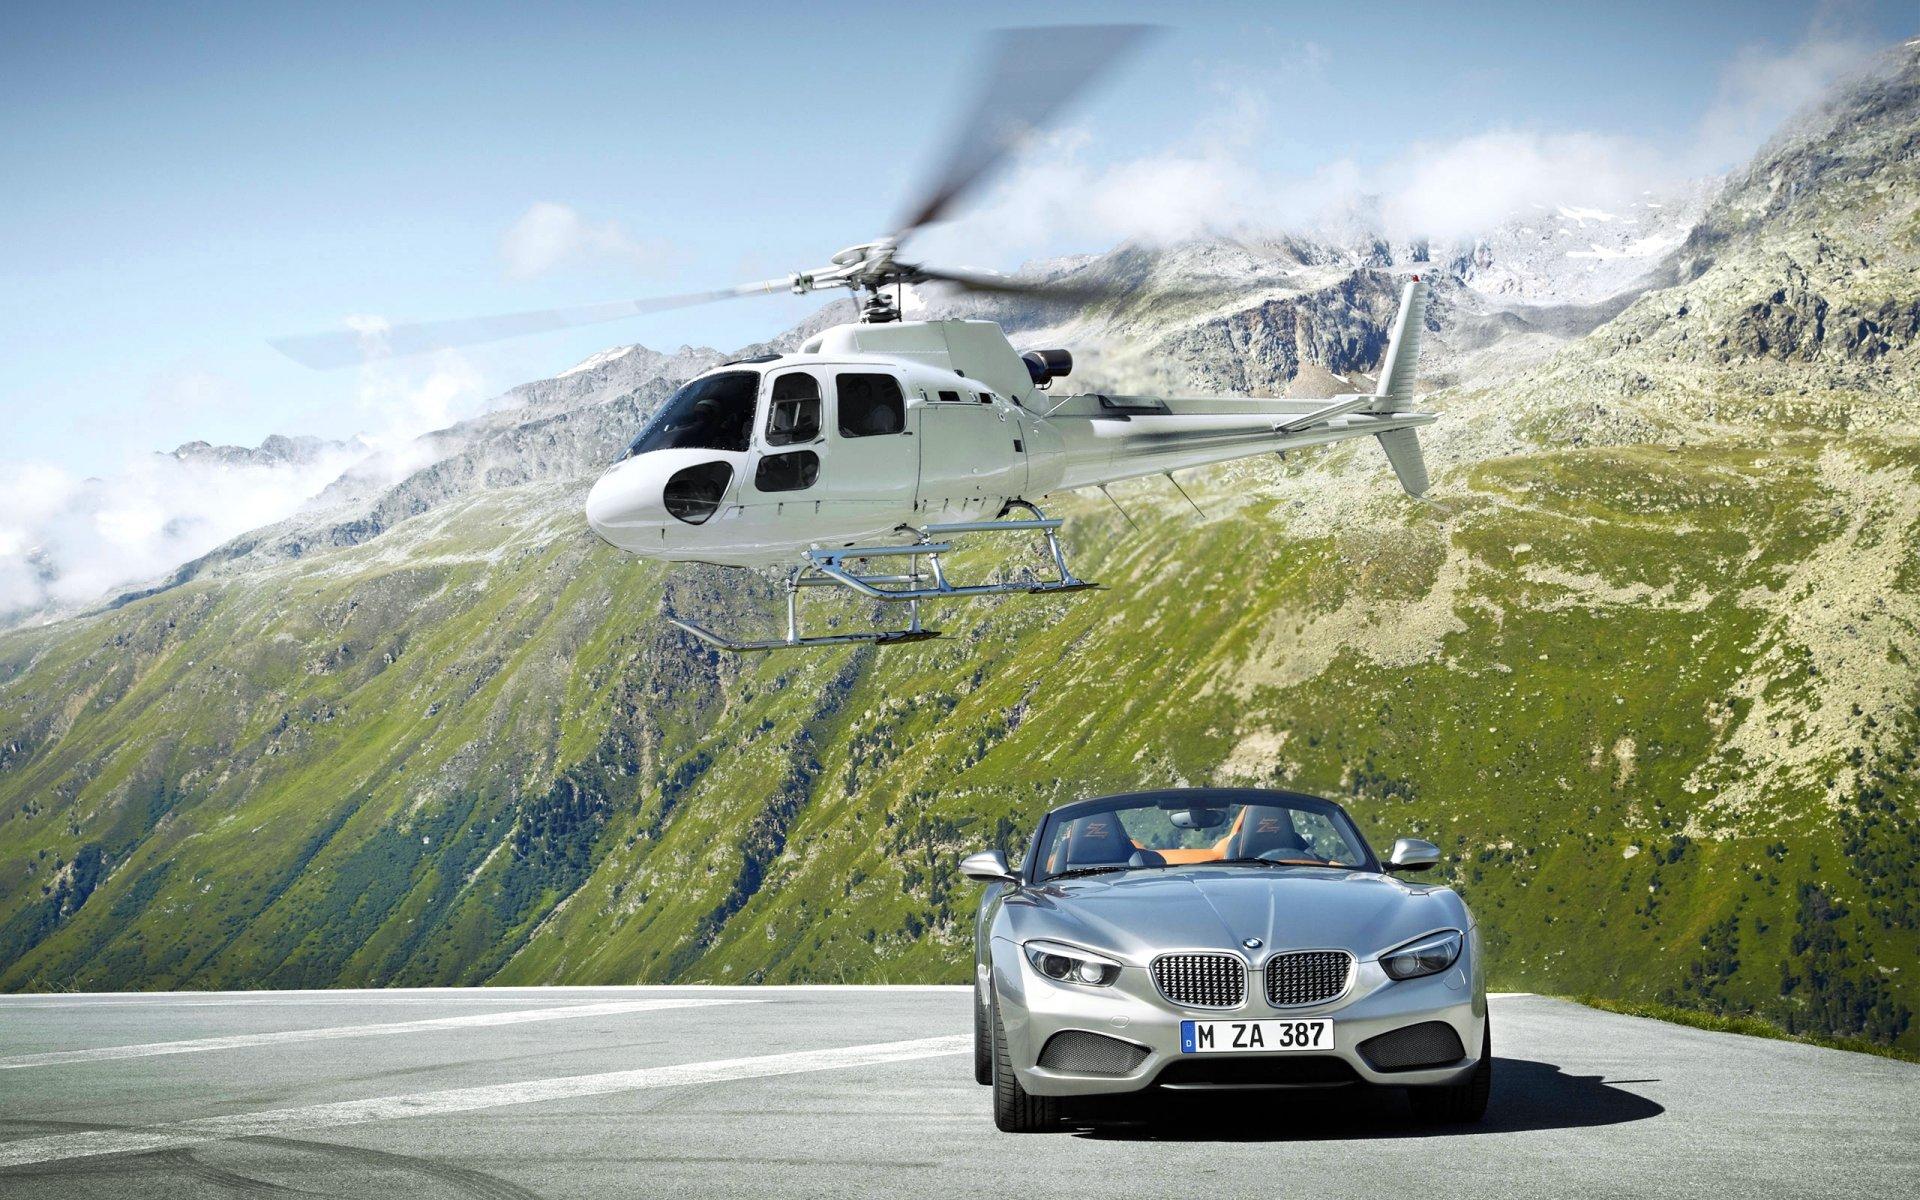 красивые картинки на авто вертолет съемка проводилась специалистом-криминалистом